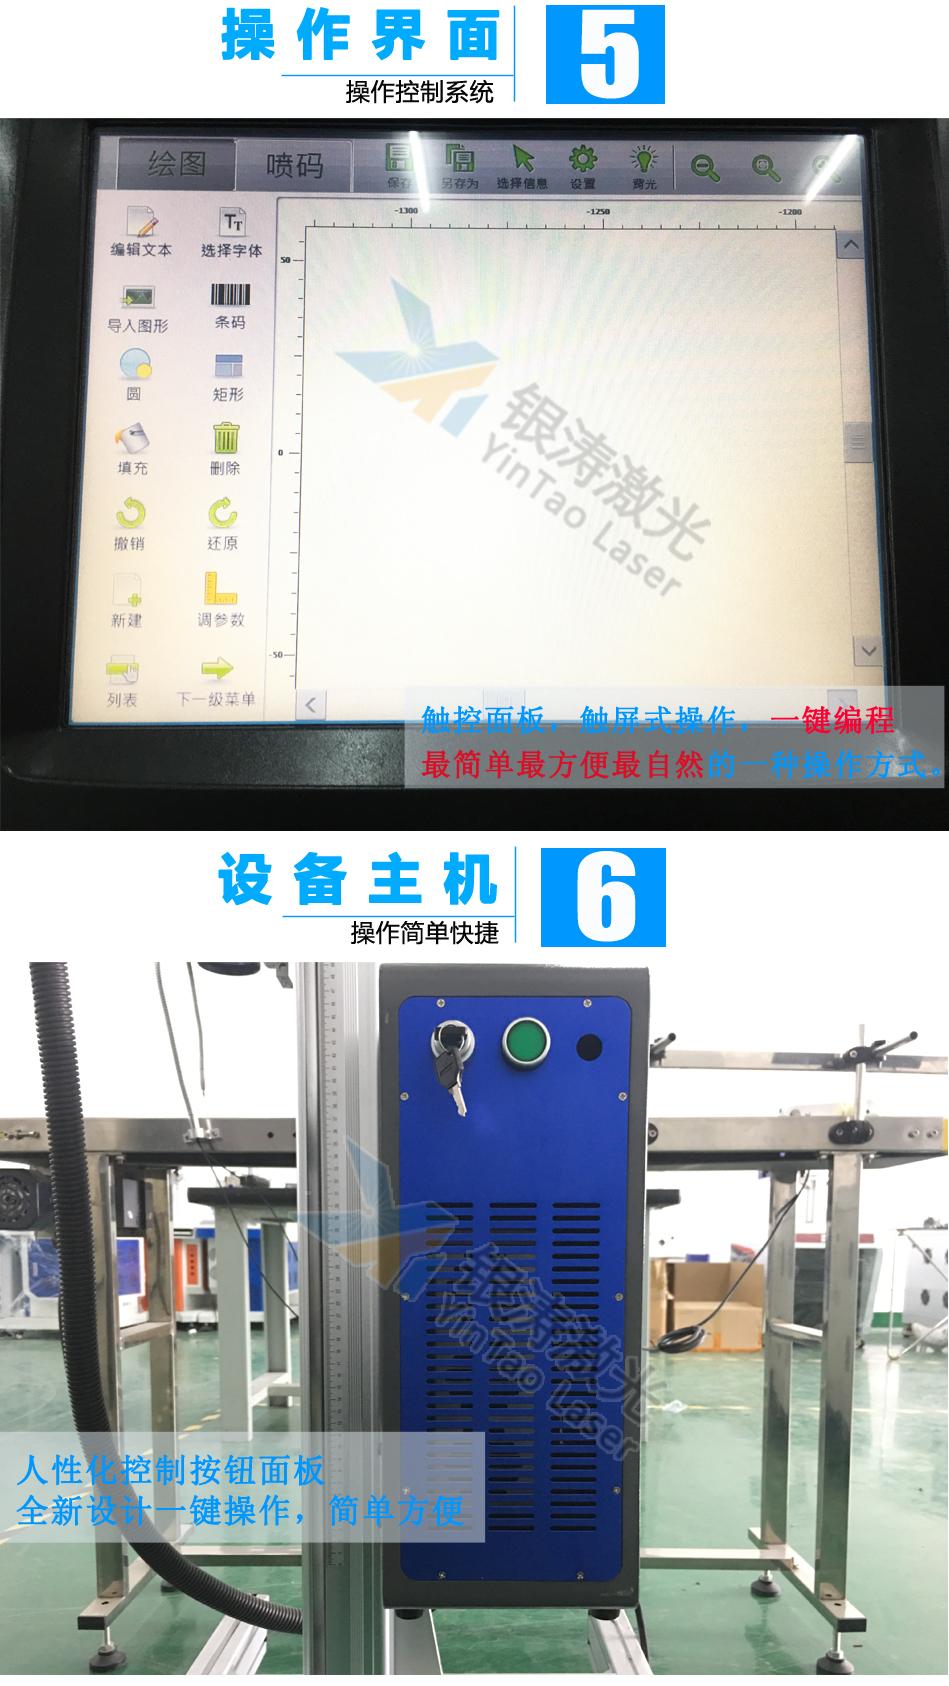 55鐳射噴碼機詳情(新版1).jpg